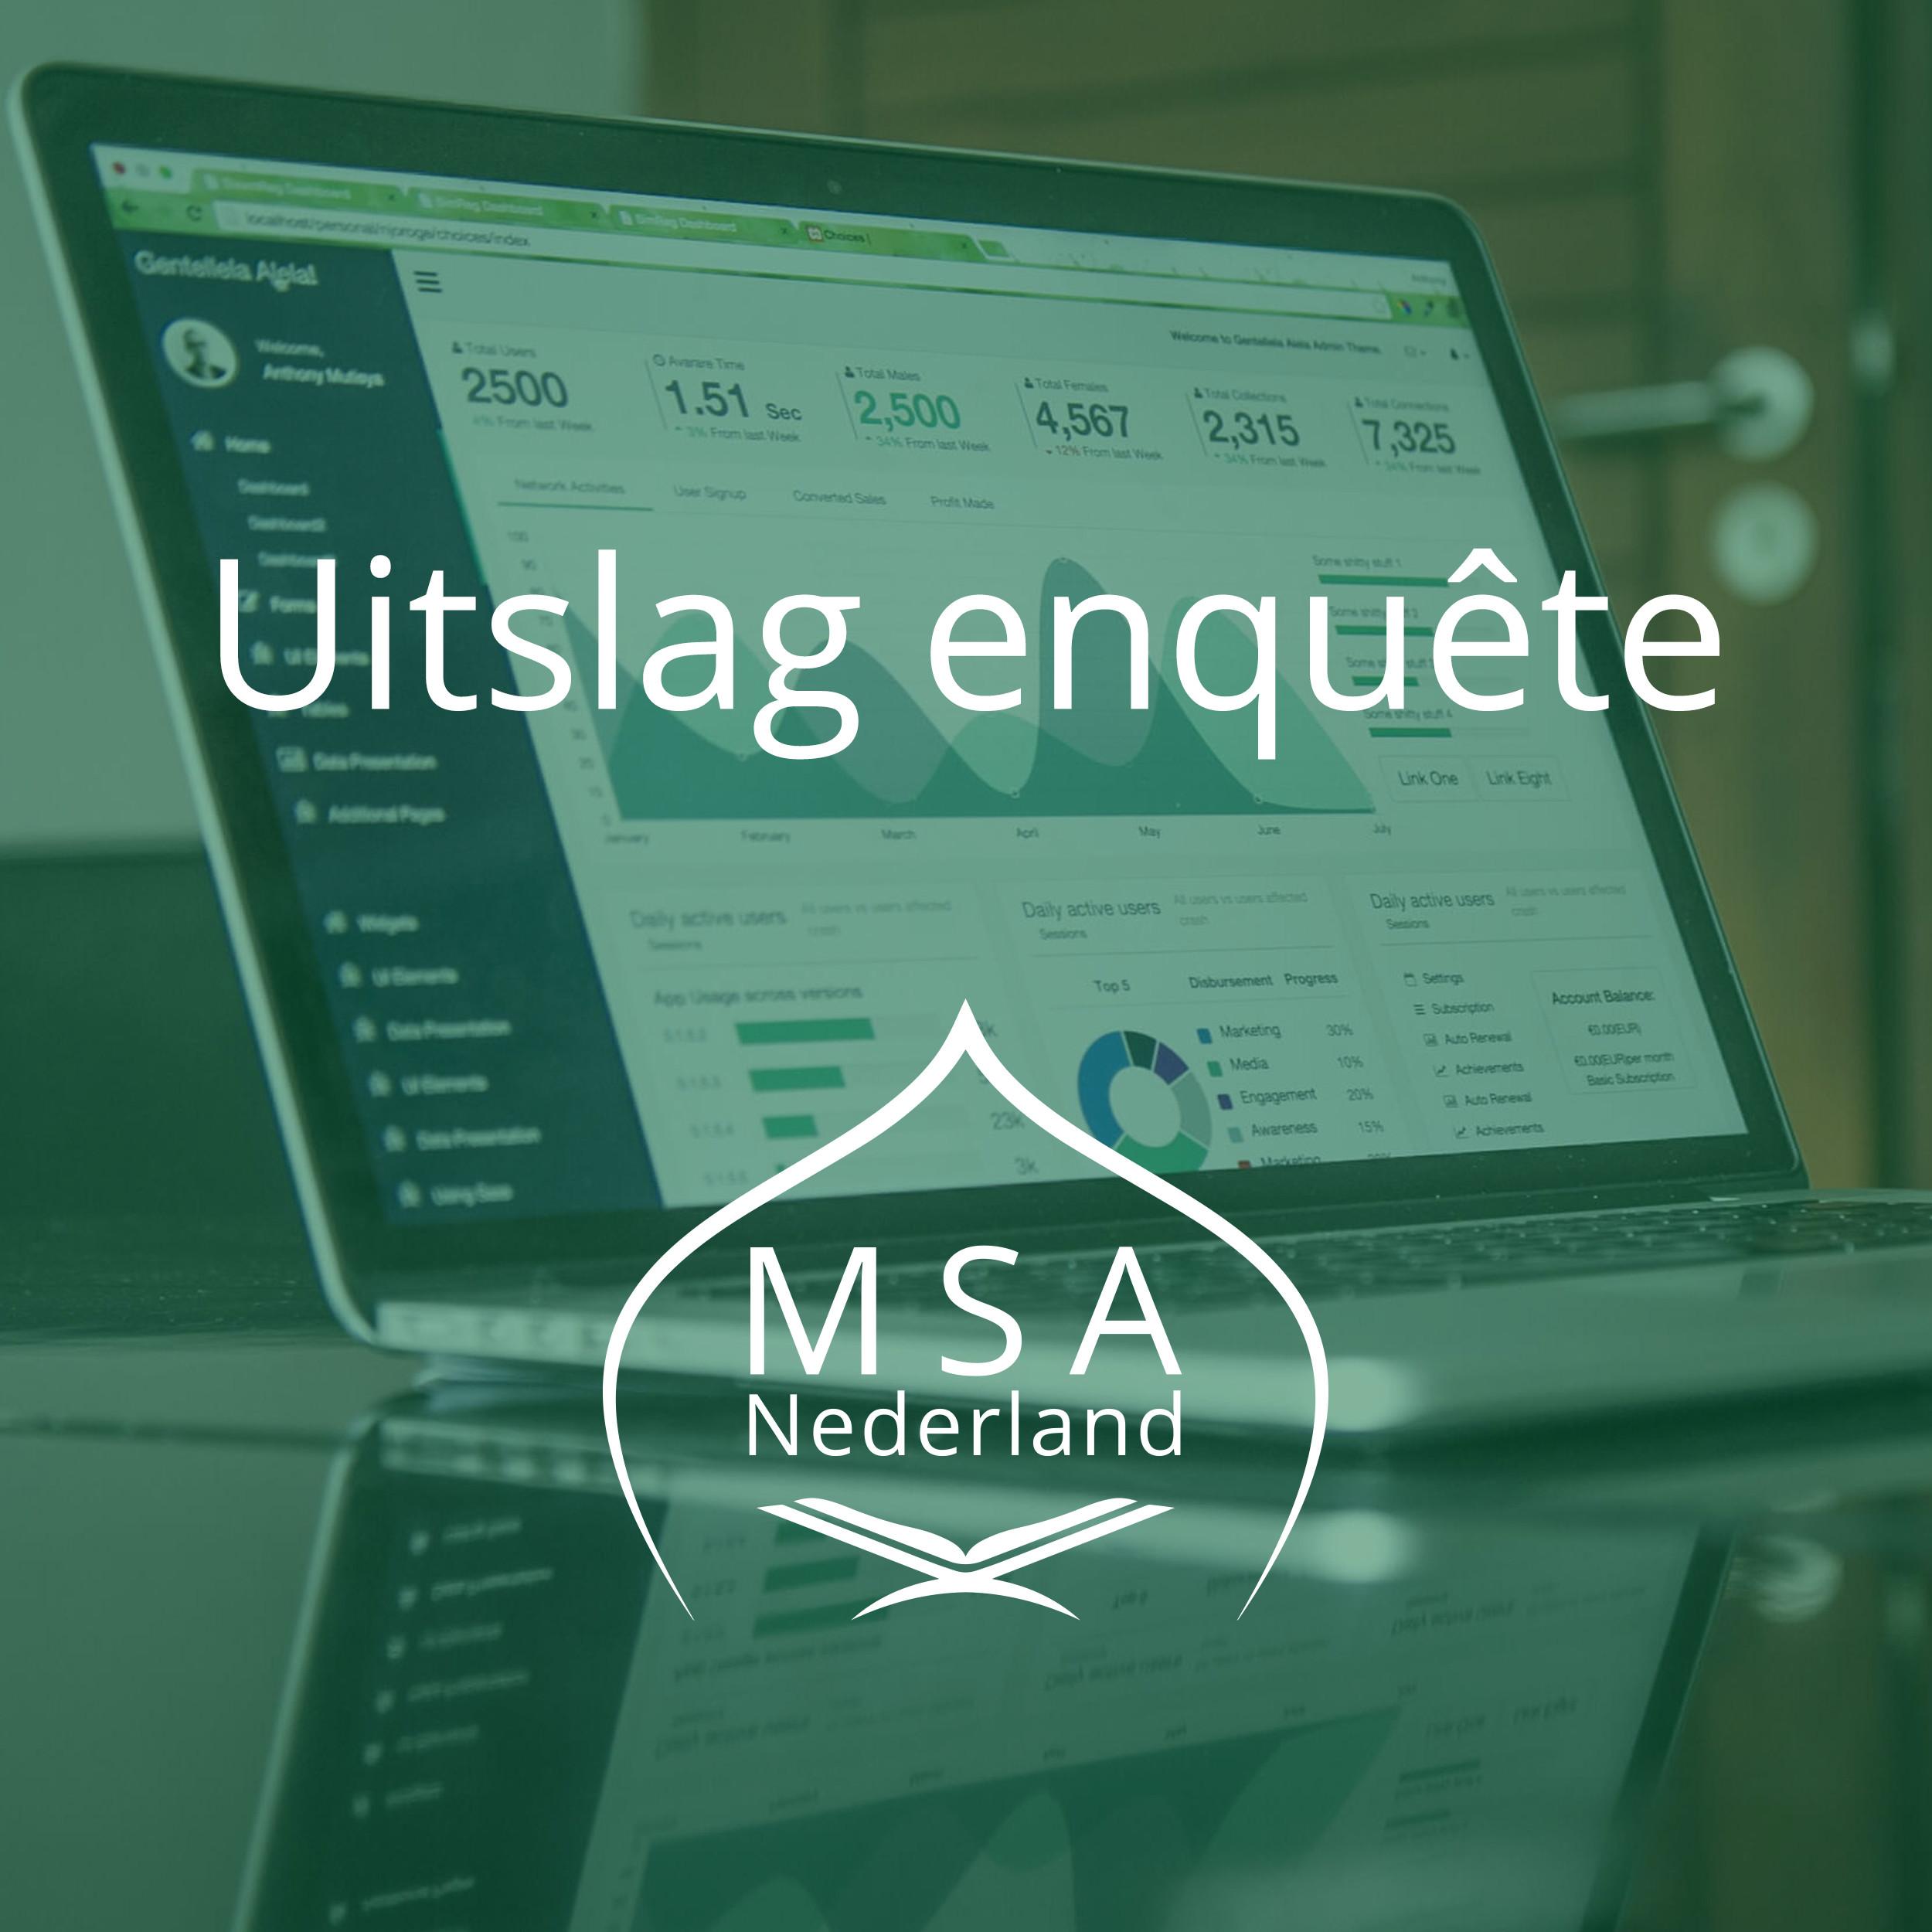 uitslag-enquete-msa-nederland